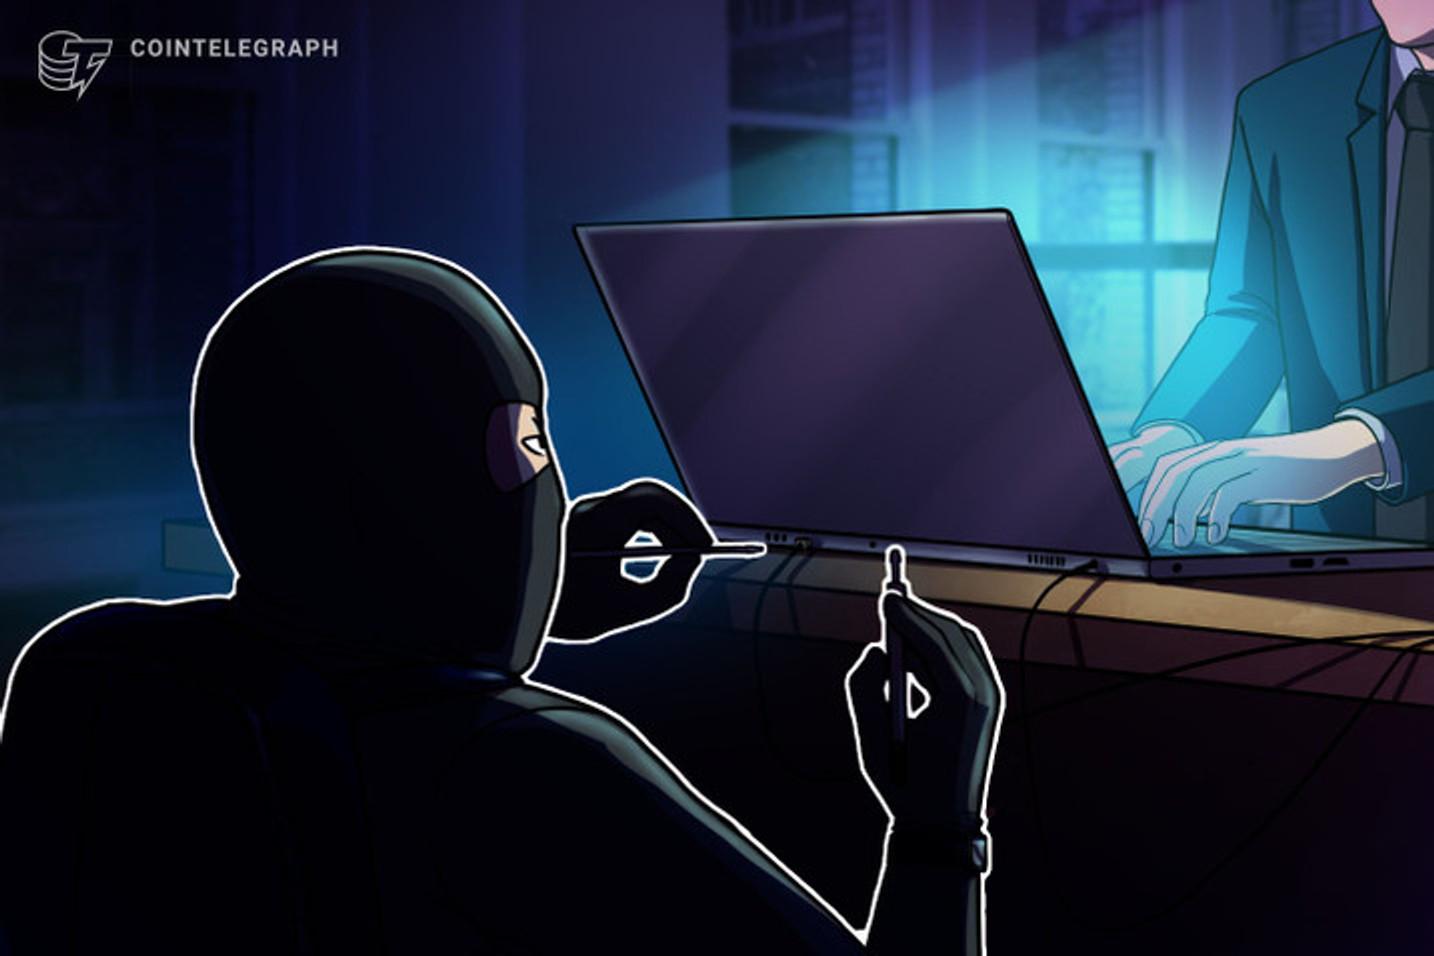 Cuidado para não perder seus Bitcoins: mais de 8,4 bilhões de tentativas de ataques cibernéticos atingiram o Brasil